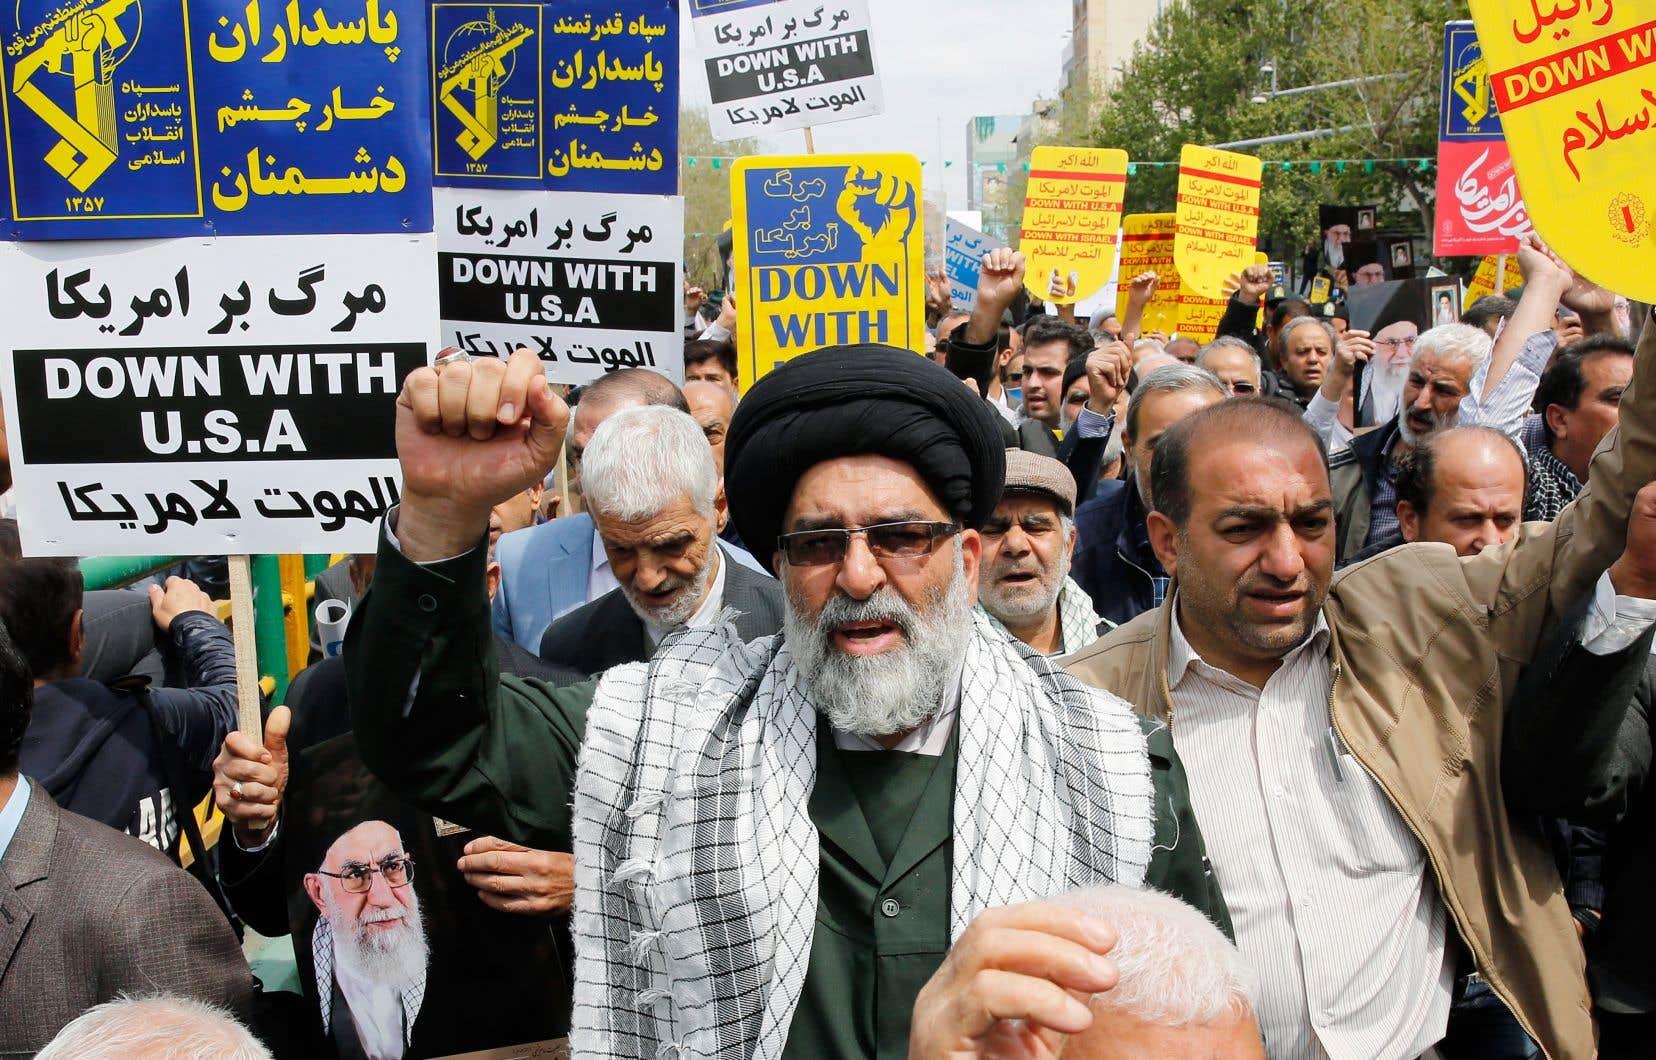 Des Iraniens participaient à une manifestation anti-américaine à Téhéran, vendredi.